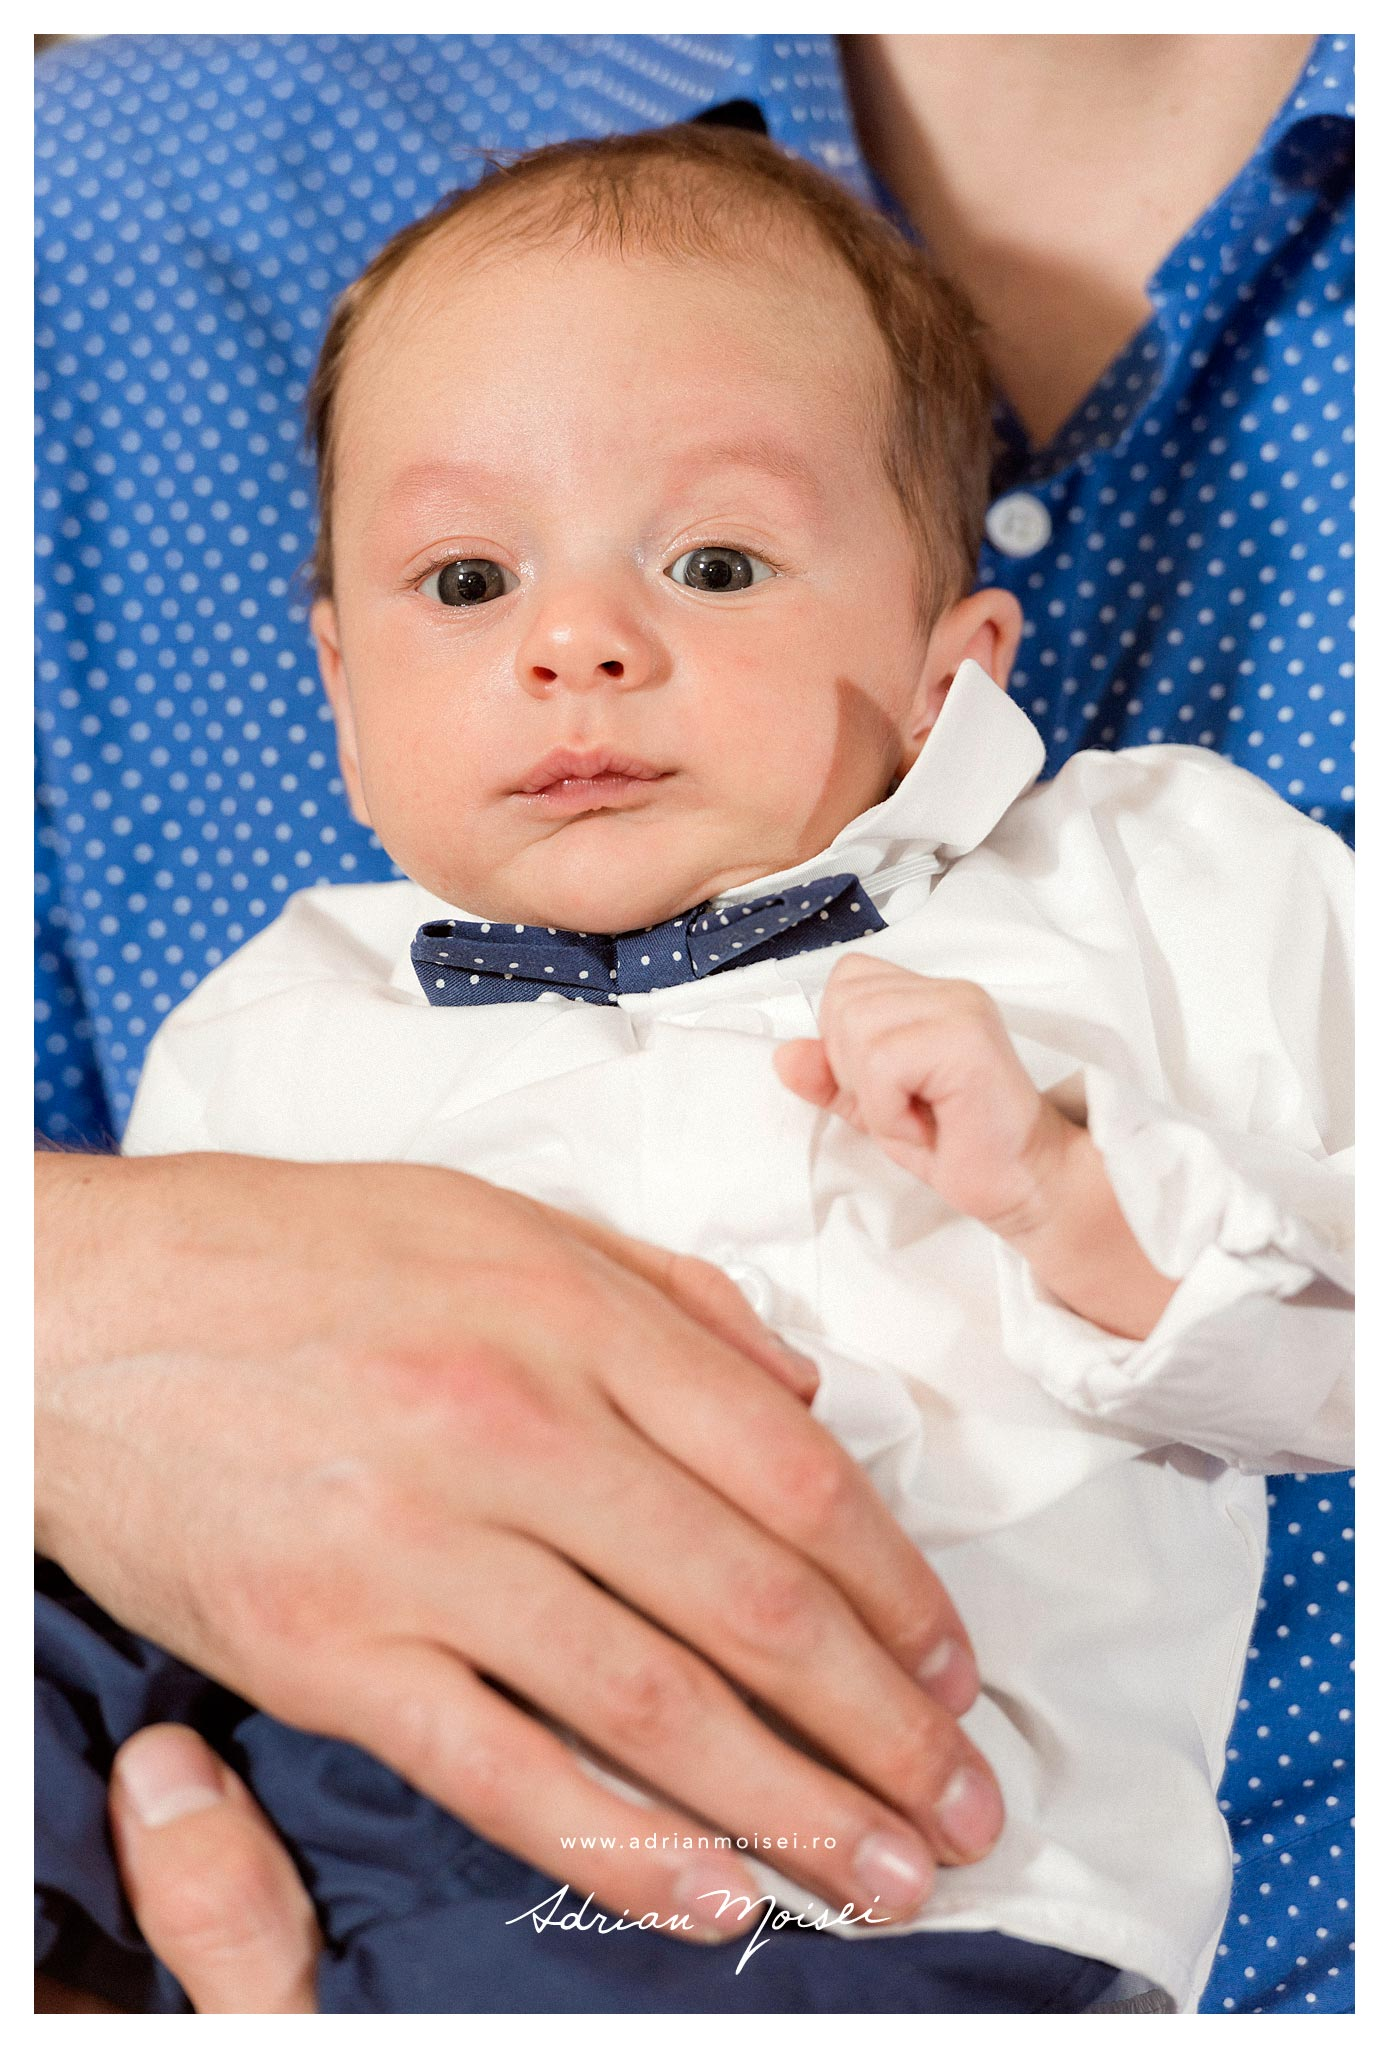 Fotografie bebelus, dupa botez, la cumatrie, Restaurant Moara de Foc, fotograf Adrian Moisei